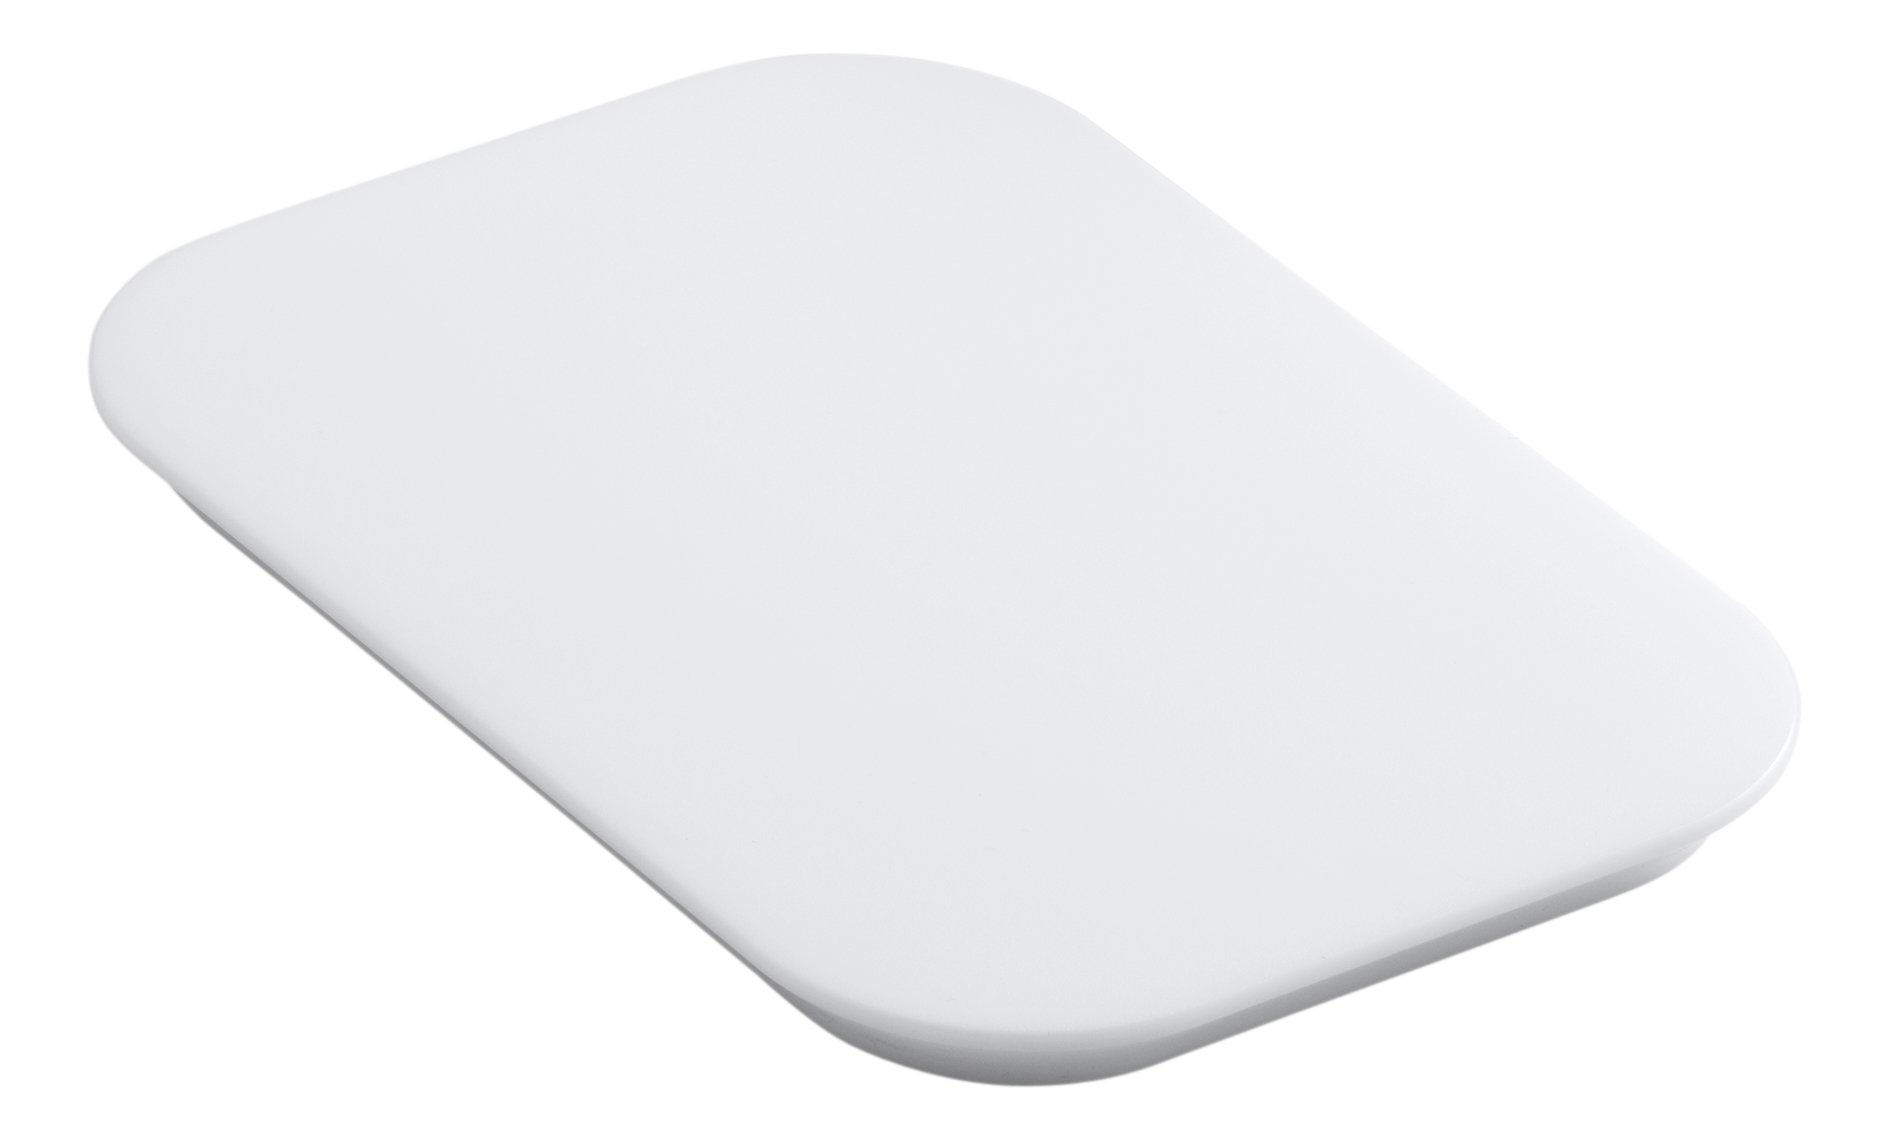 KOHLER K-5836-0 Bakersfield Polyethylene Cutting Board, White by Kohler